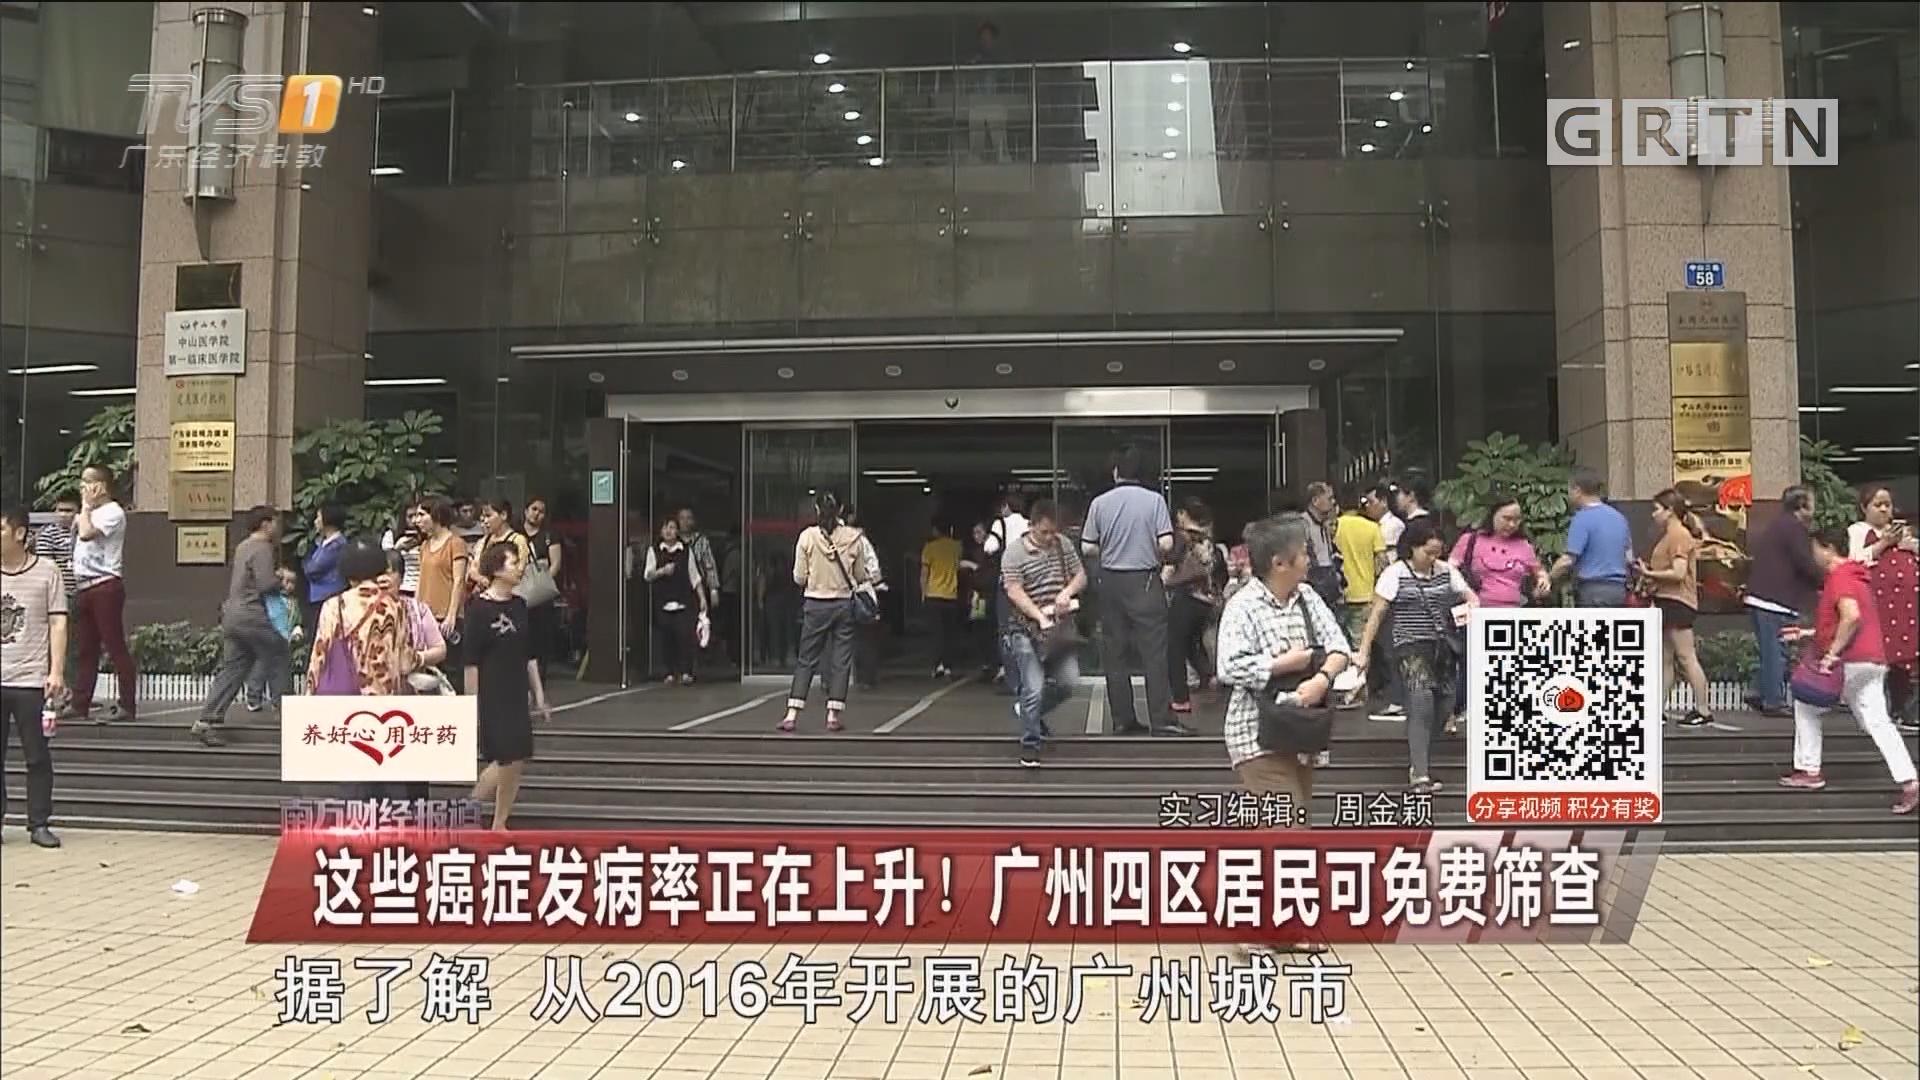 这些癌症发病率正在上升! 广州四区居民可免费筛查